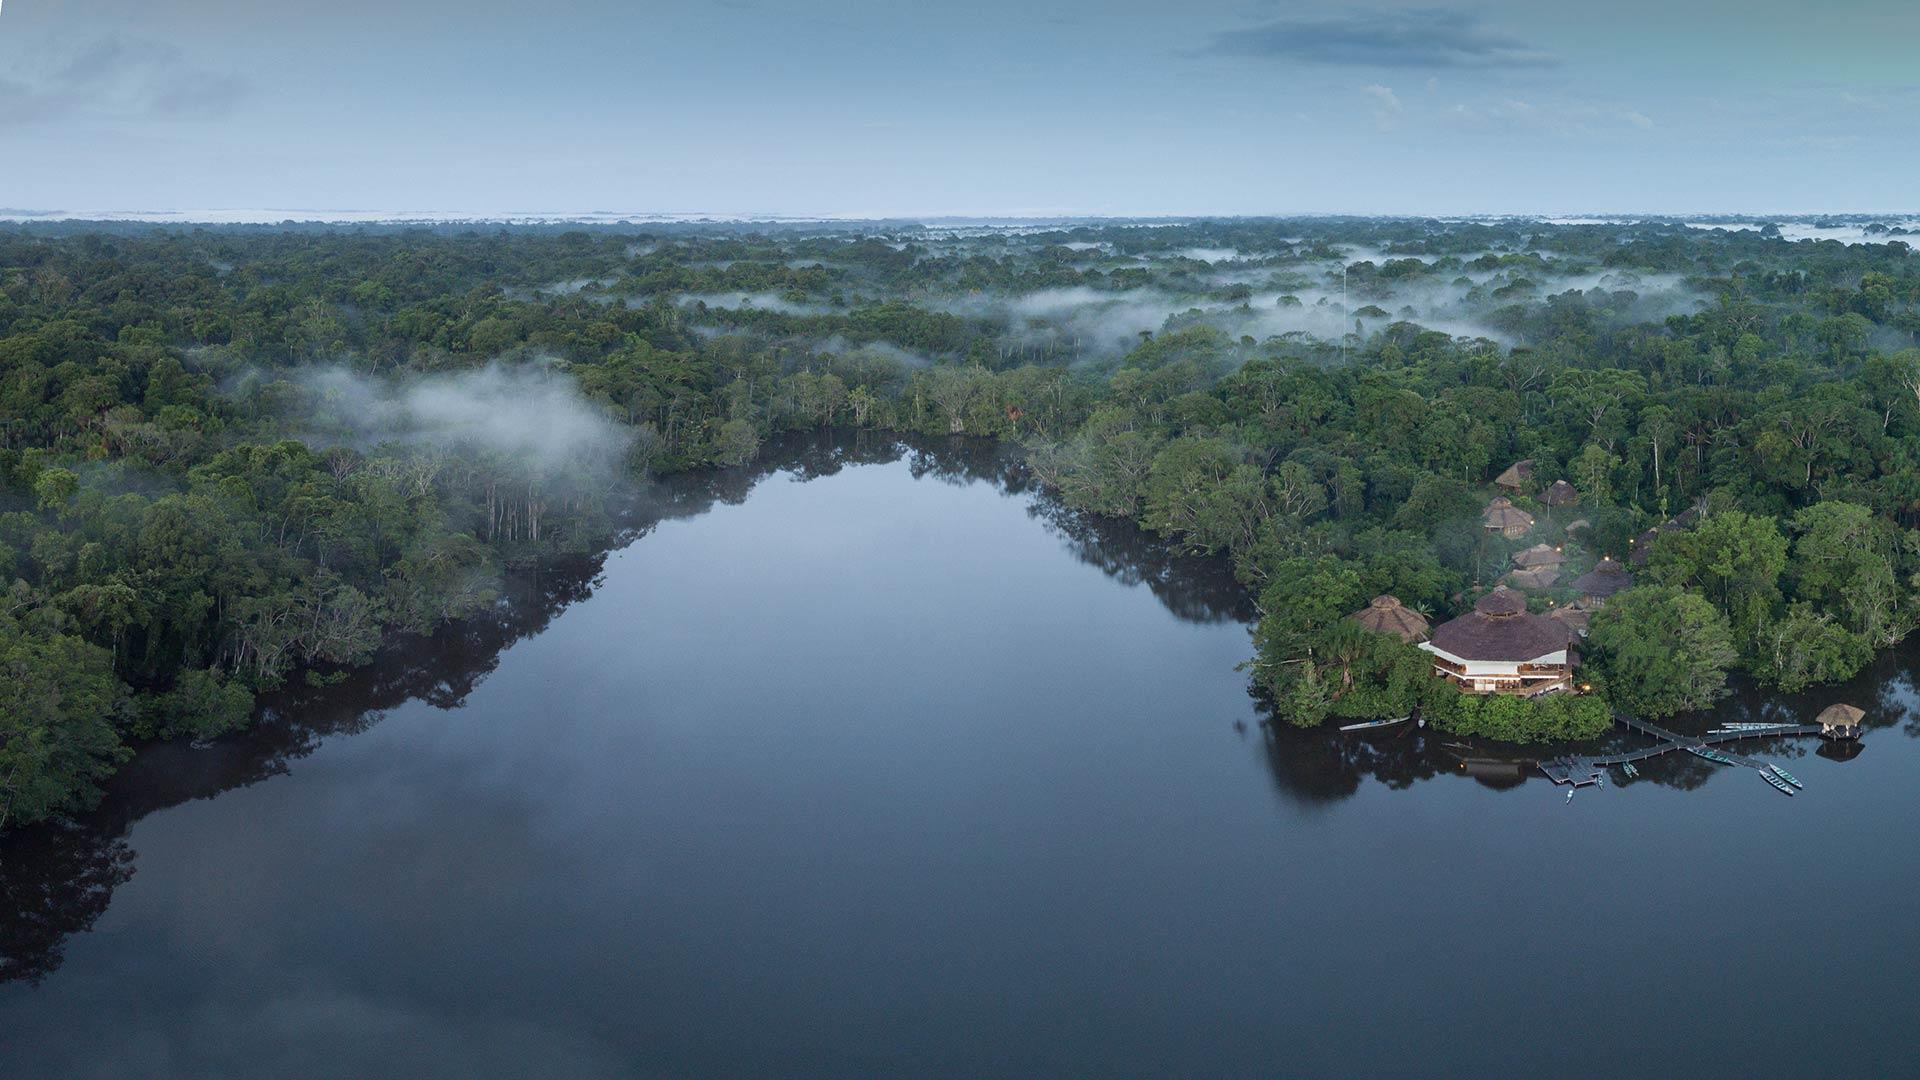 la selva lodge location